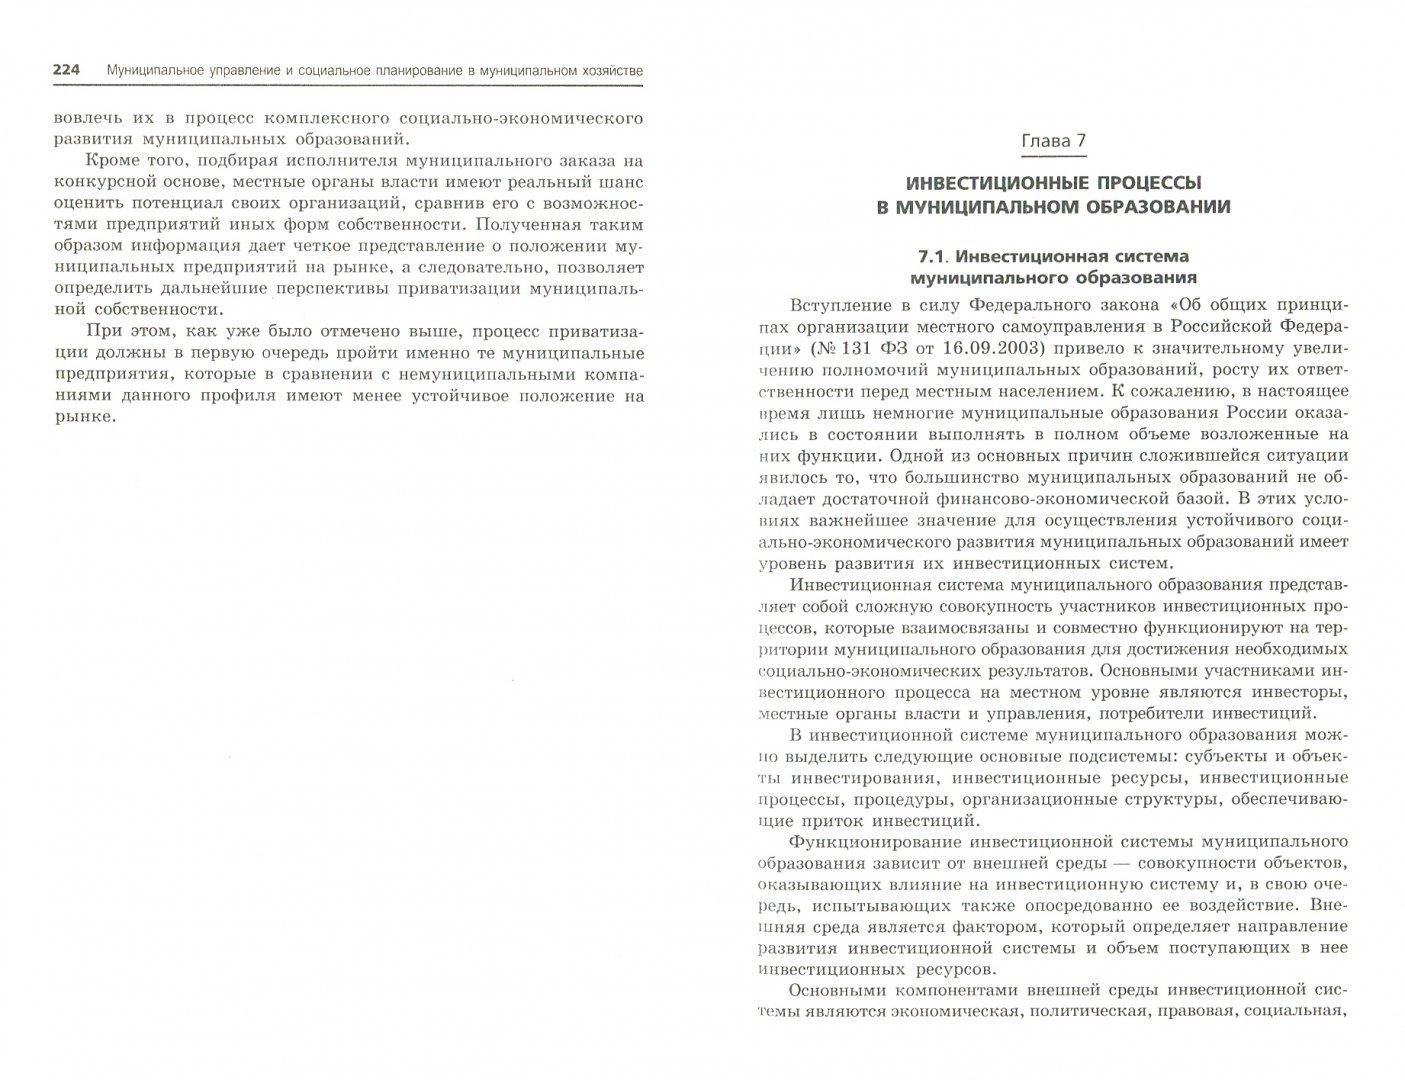 Иллюстрация 1 из 4 для Муниципальное управление и социальное планирование в муниципальном хозяйстве. Учебное пособие - Кобилев, Кирнев, Рудой | Лабиринт - книги. Источник: Лабиринт